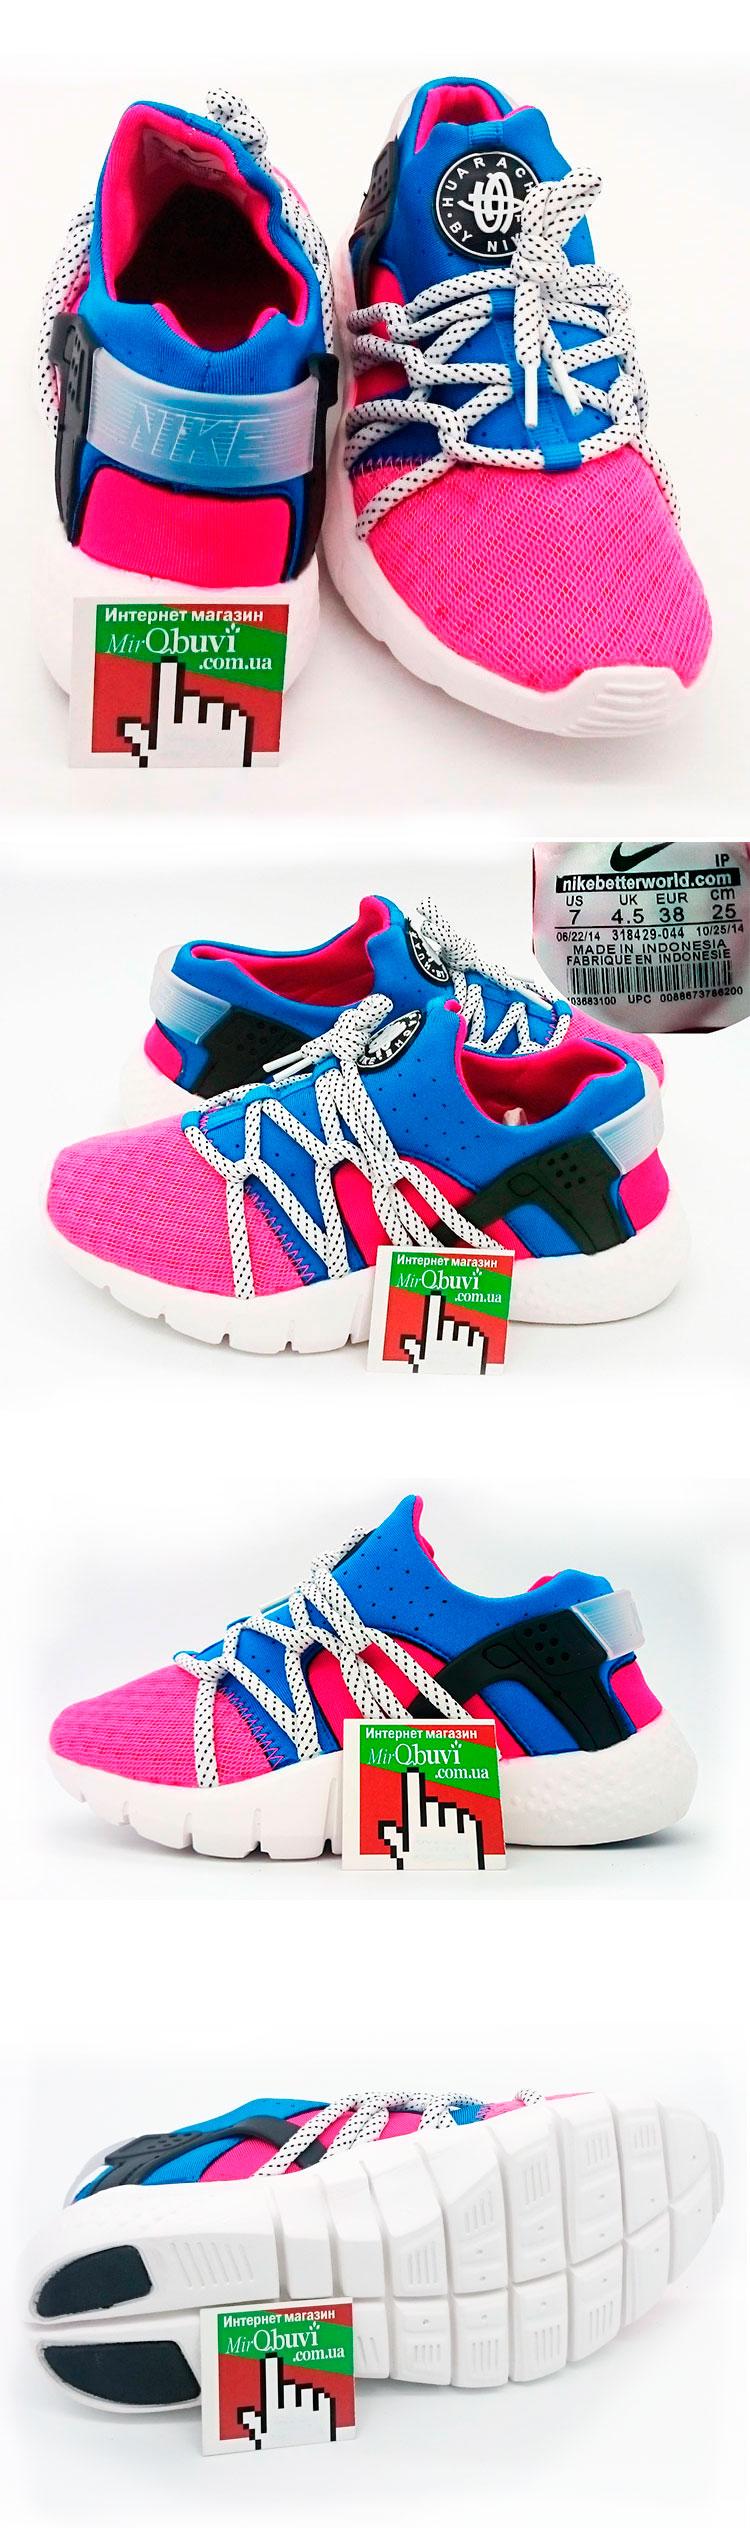 большое фото №5 Nike Huarache NM розово-синие